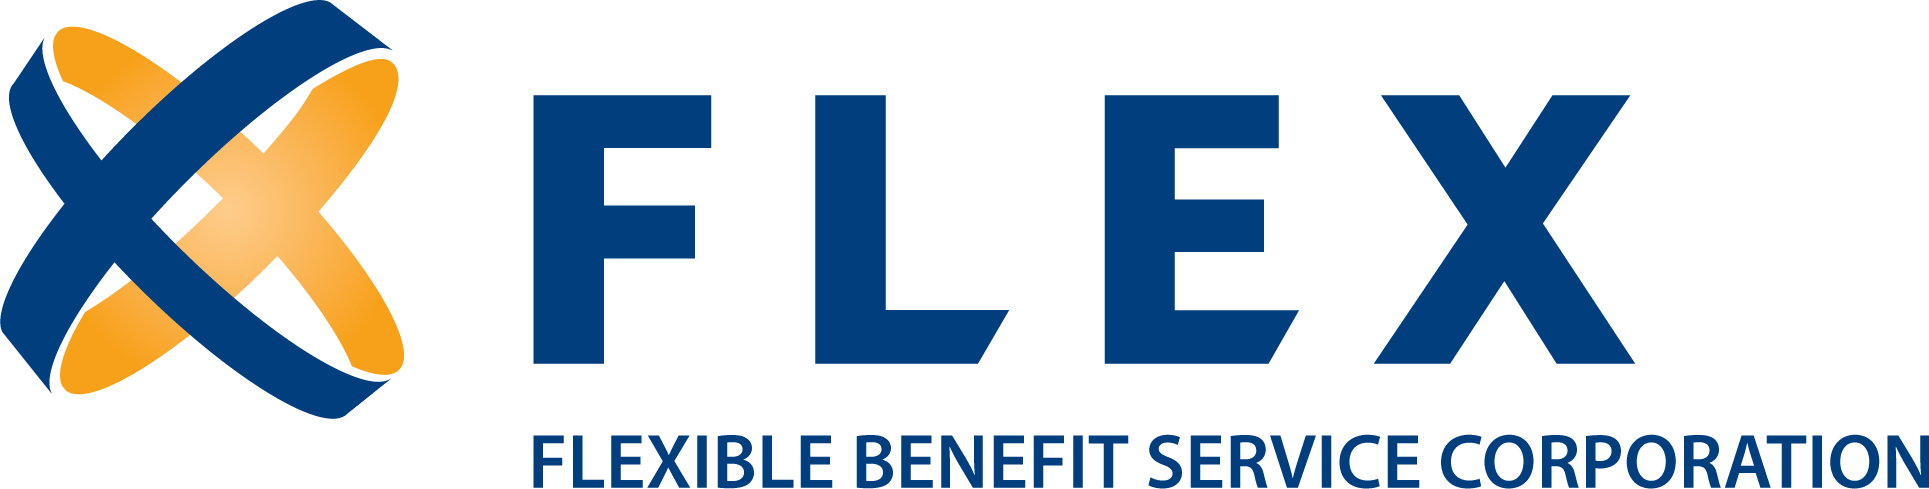 Flexible Benefit Services Corporation